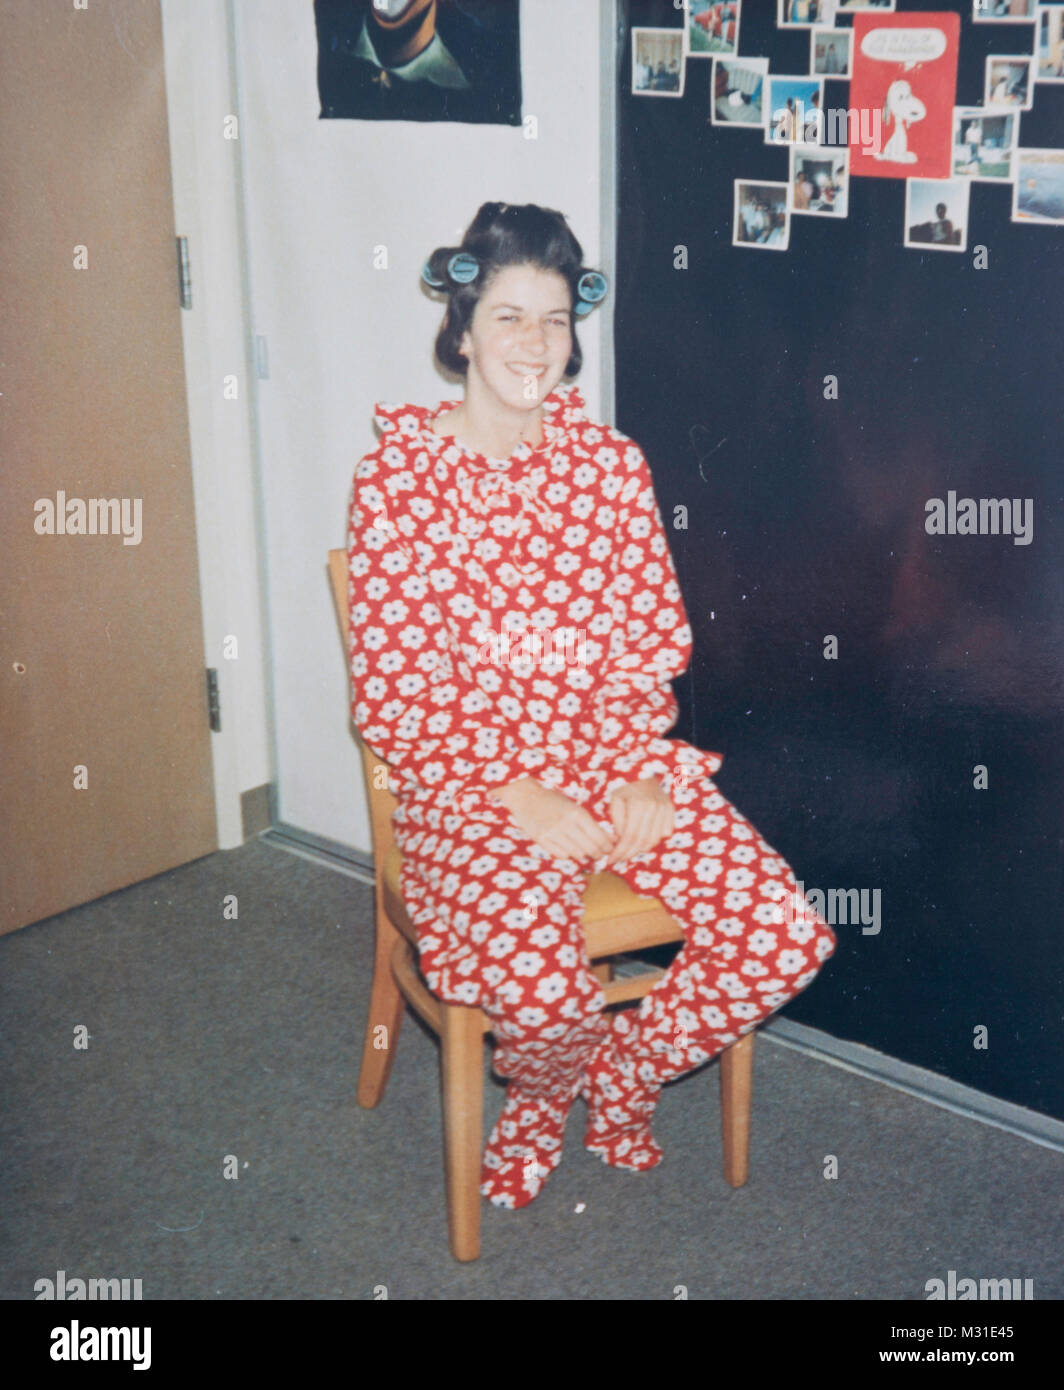 Adolescente con rodillos en su cabello vestían pijamas con patas de una sola pieza, EE.UU. Imagen De Stock